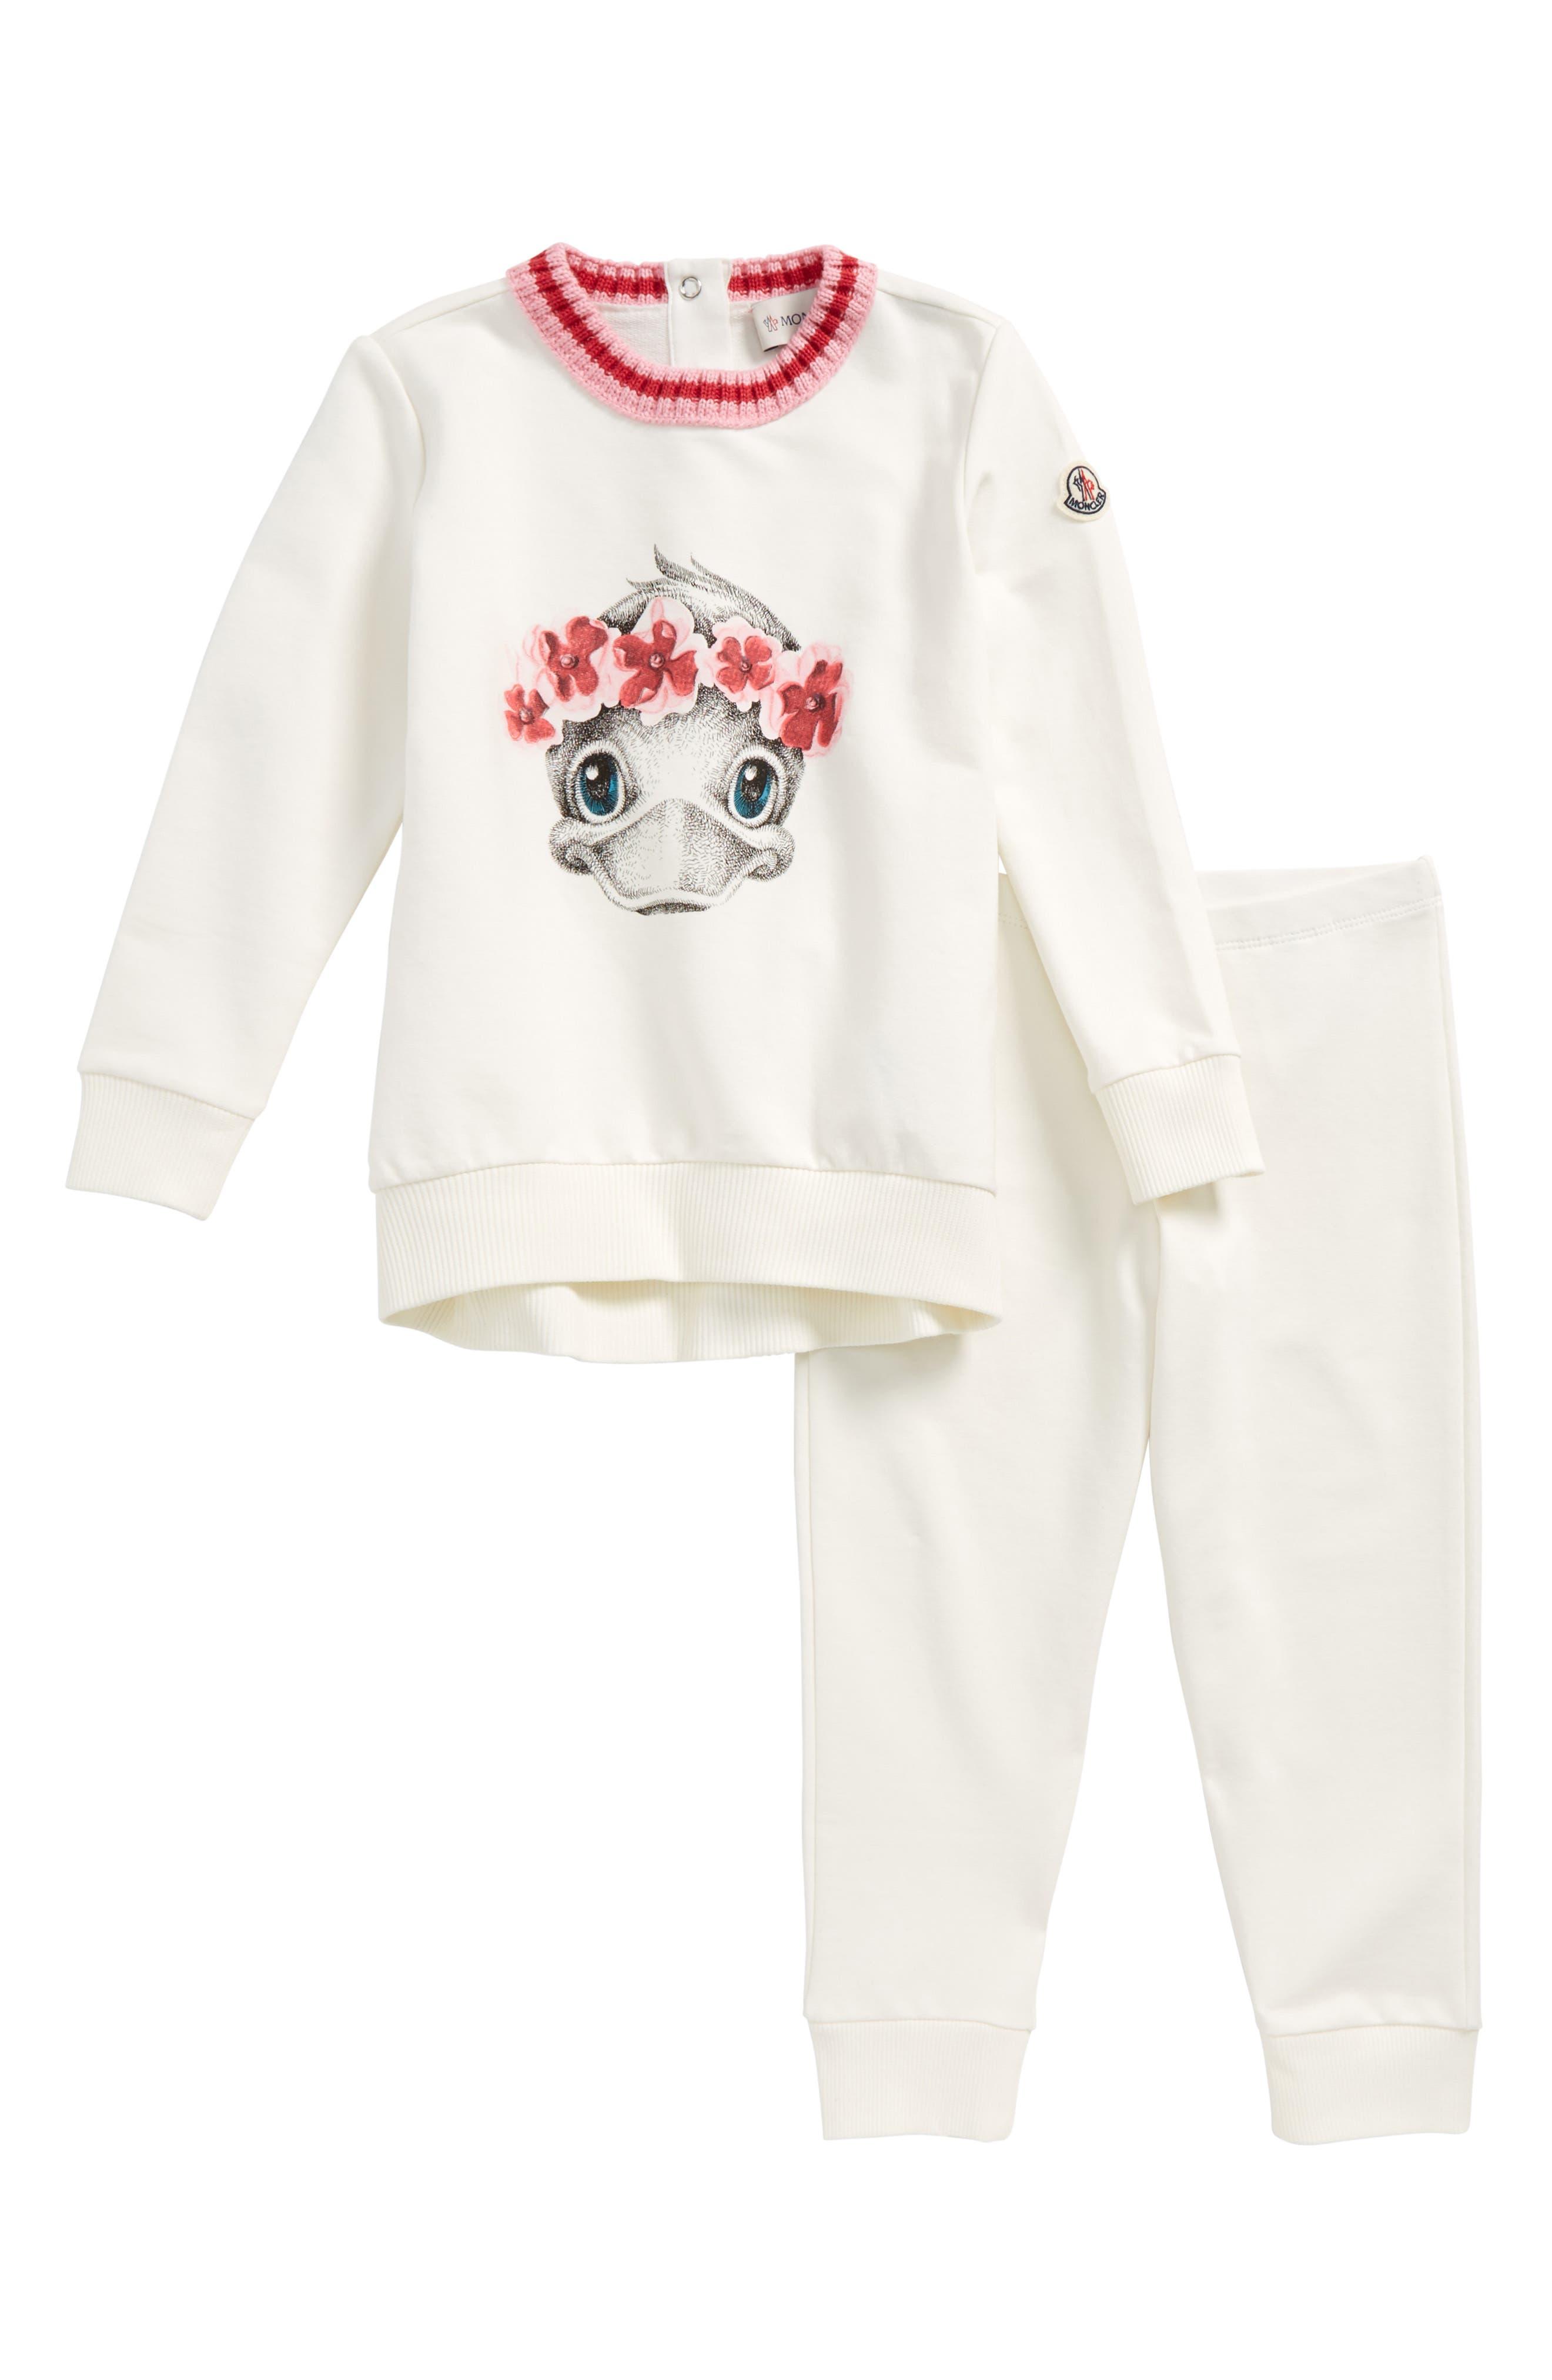 Main Image - Moncler Duck Graphic Sweatshirt & Pants Set (Toddler Girls)